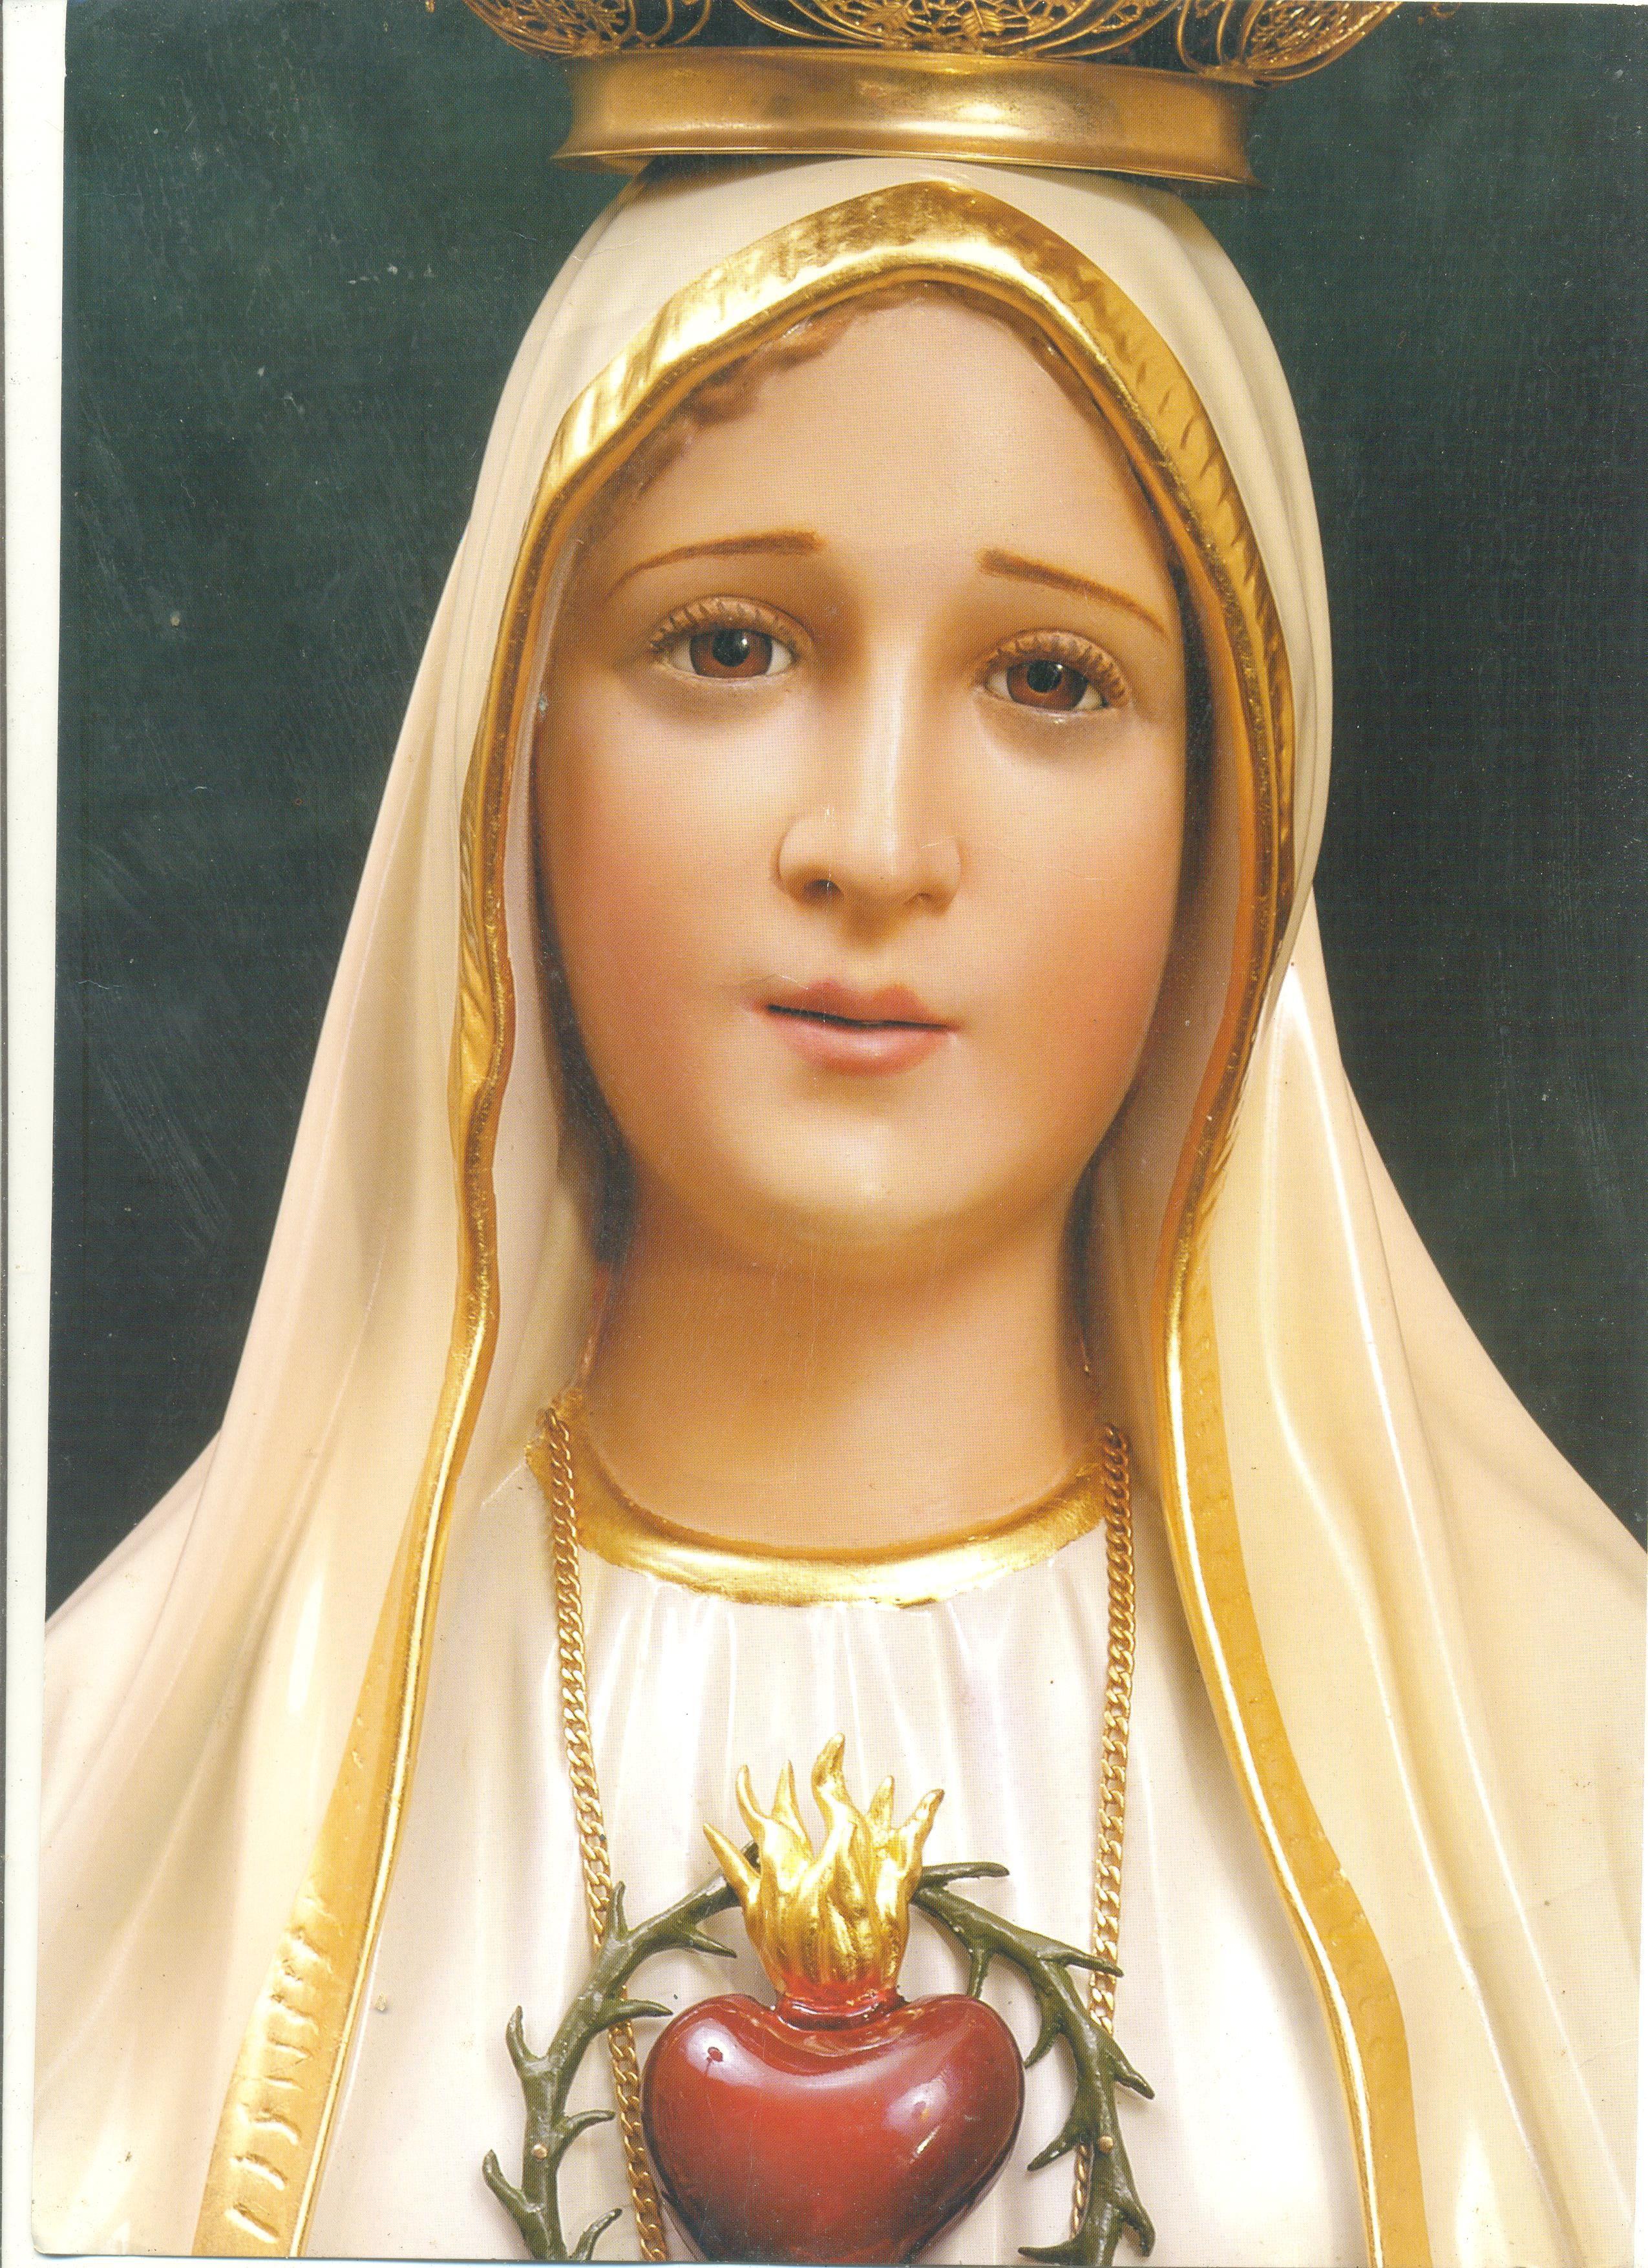 Fátima, a santinha  que Haroldo me deixou de herança e que me acompanha me abrindo os caminhos, me dando proteção, e eu que não conhecia nada de santos agradeço as bênçãos maravilhada